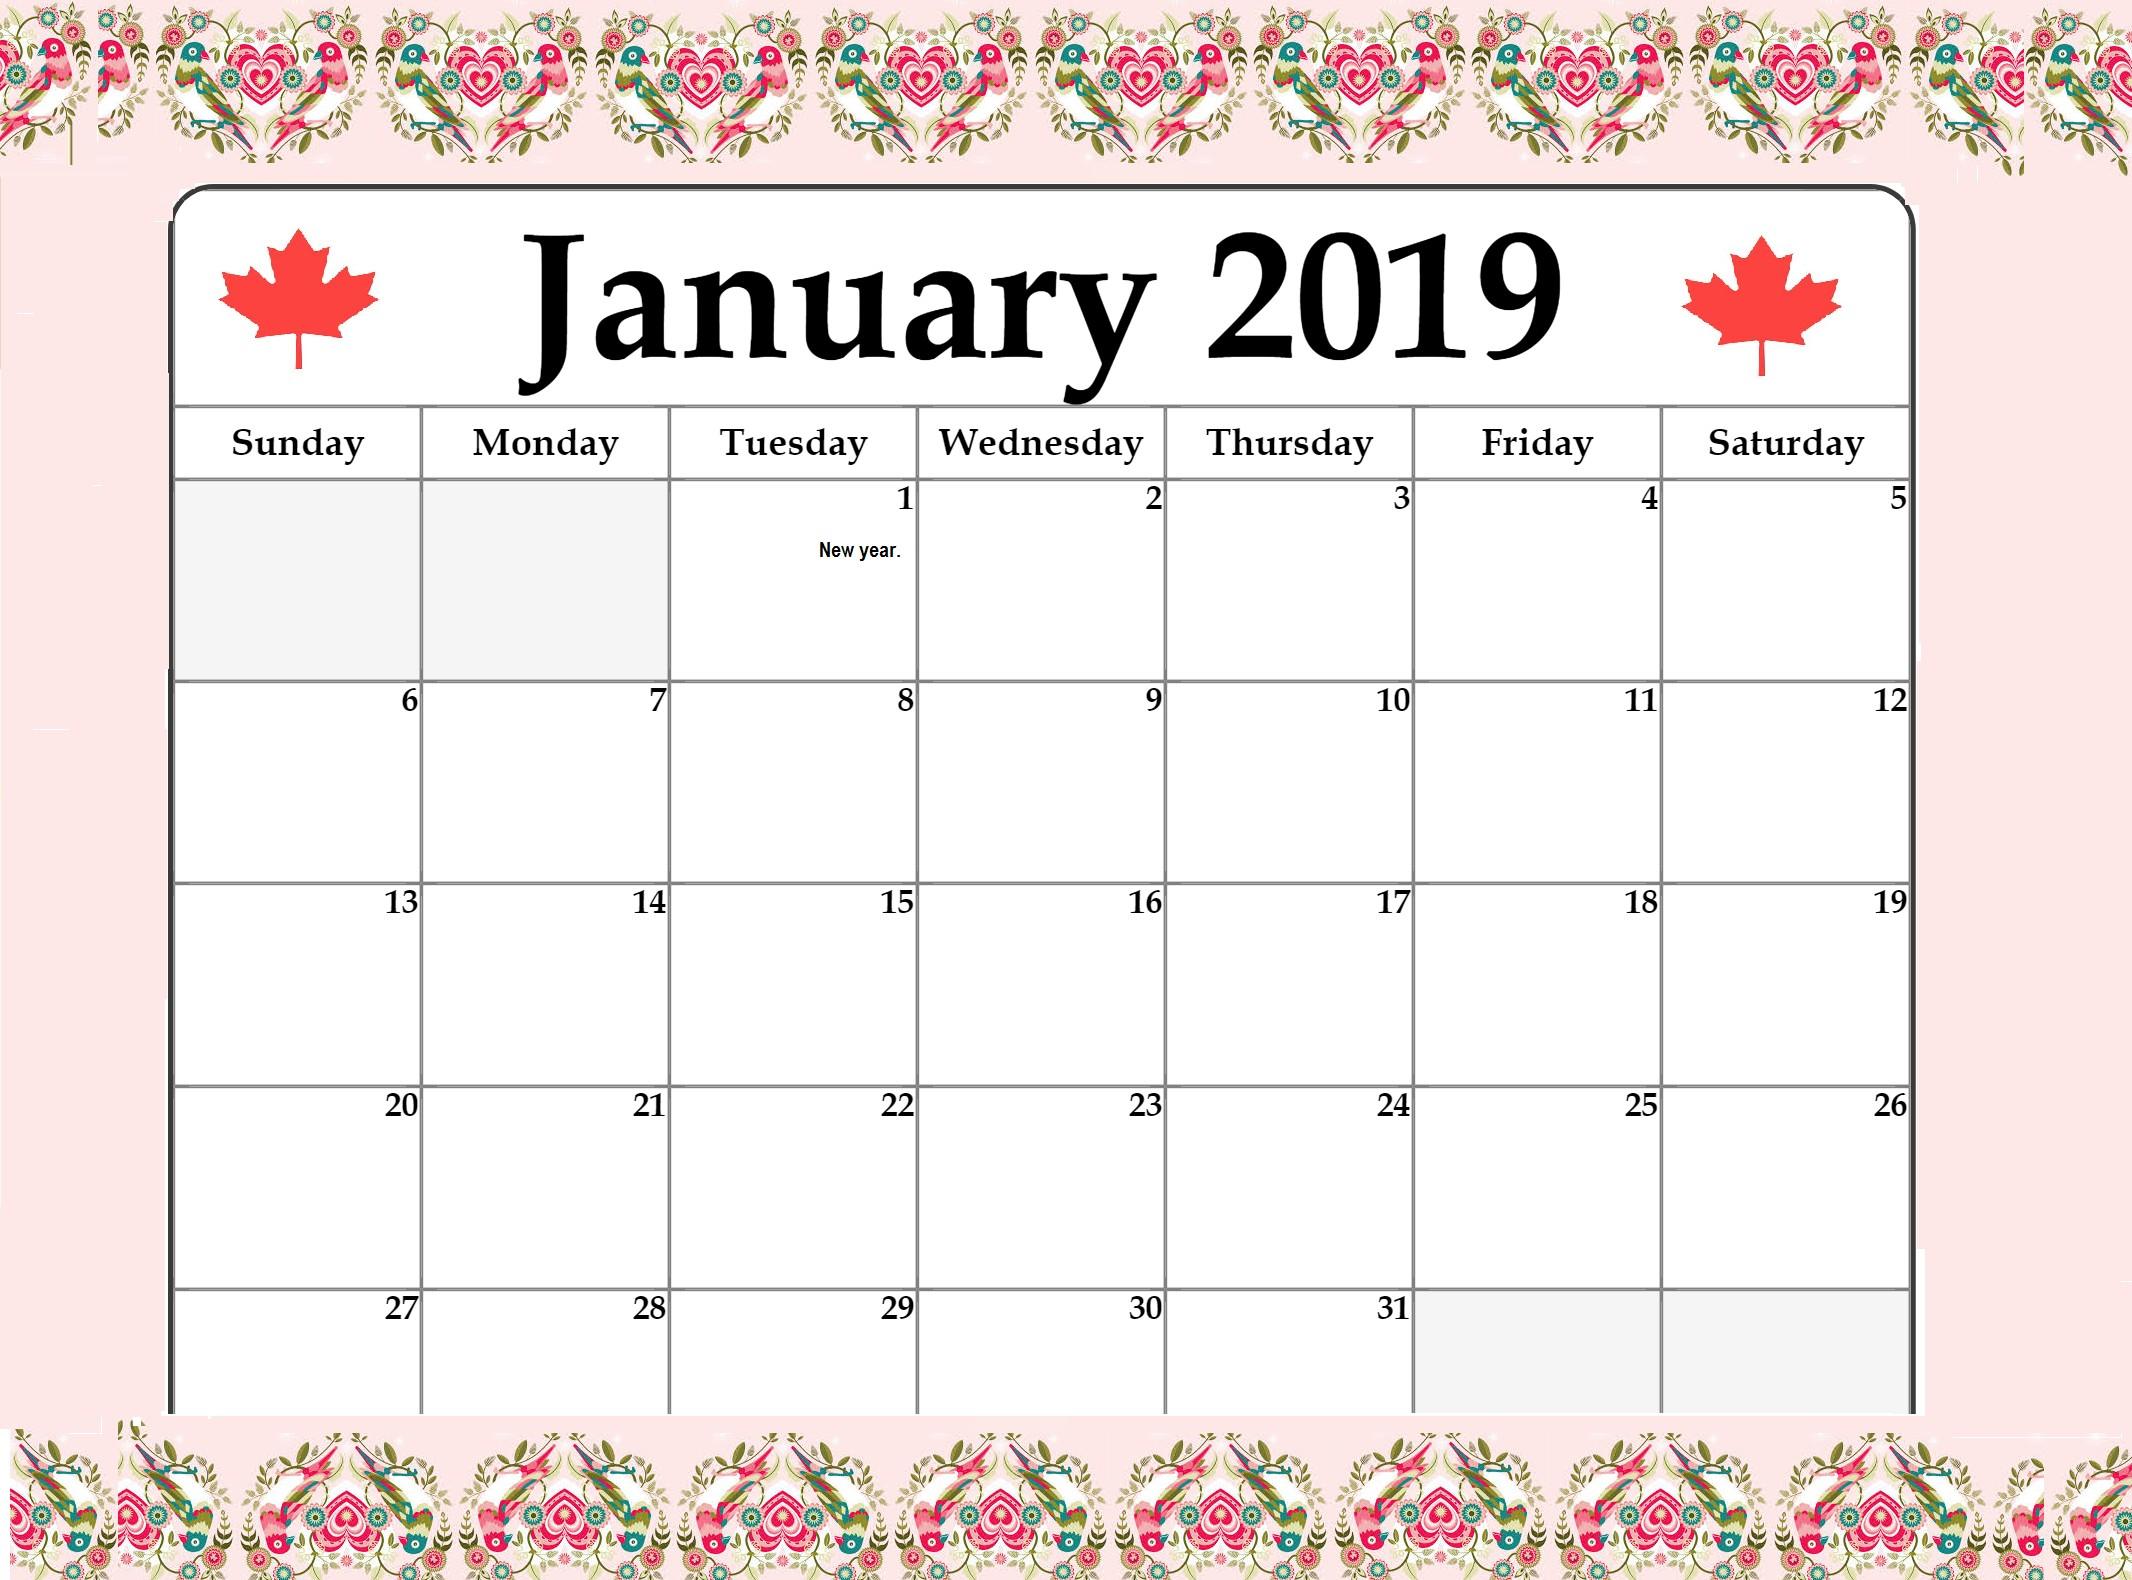 Calendario Pis 2018 Ou 2019 Más Caliente January 2019 Local Holiday Canada Calendar Of Calendario Pis 2018 Ou 2019 Recientes Broker 300dpi Cmyk